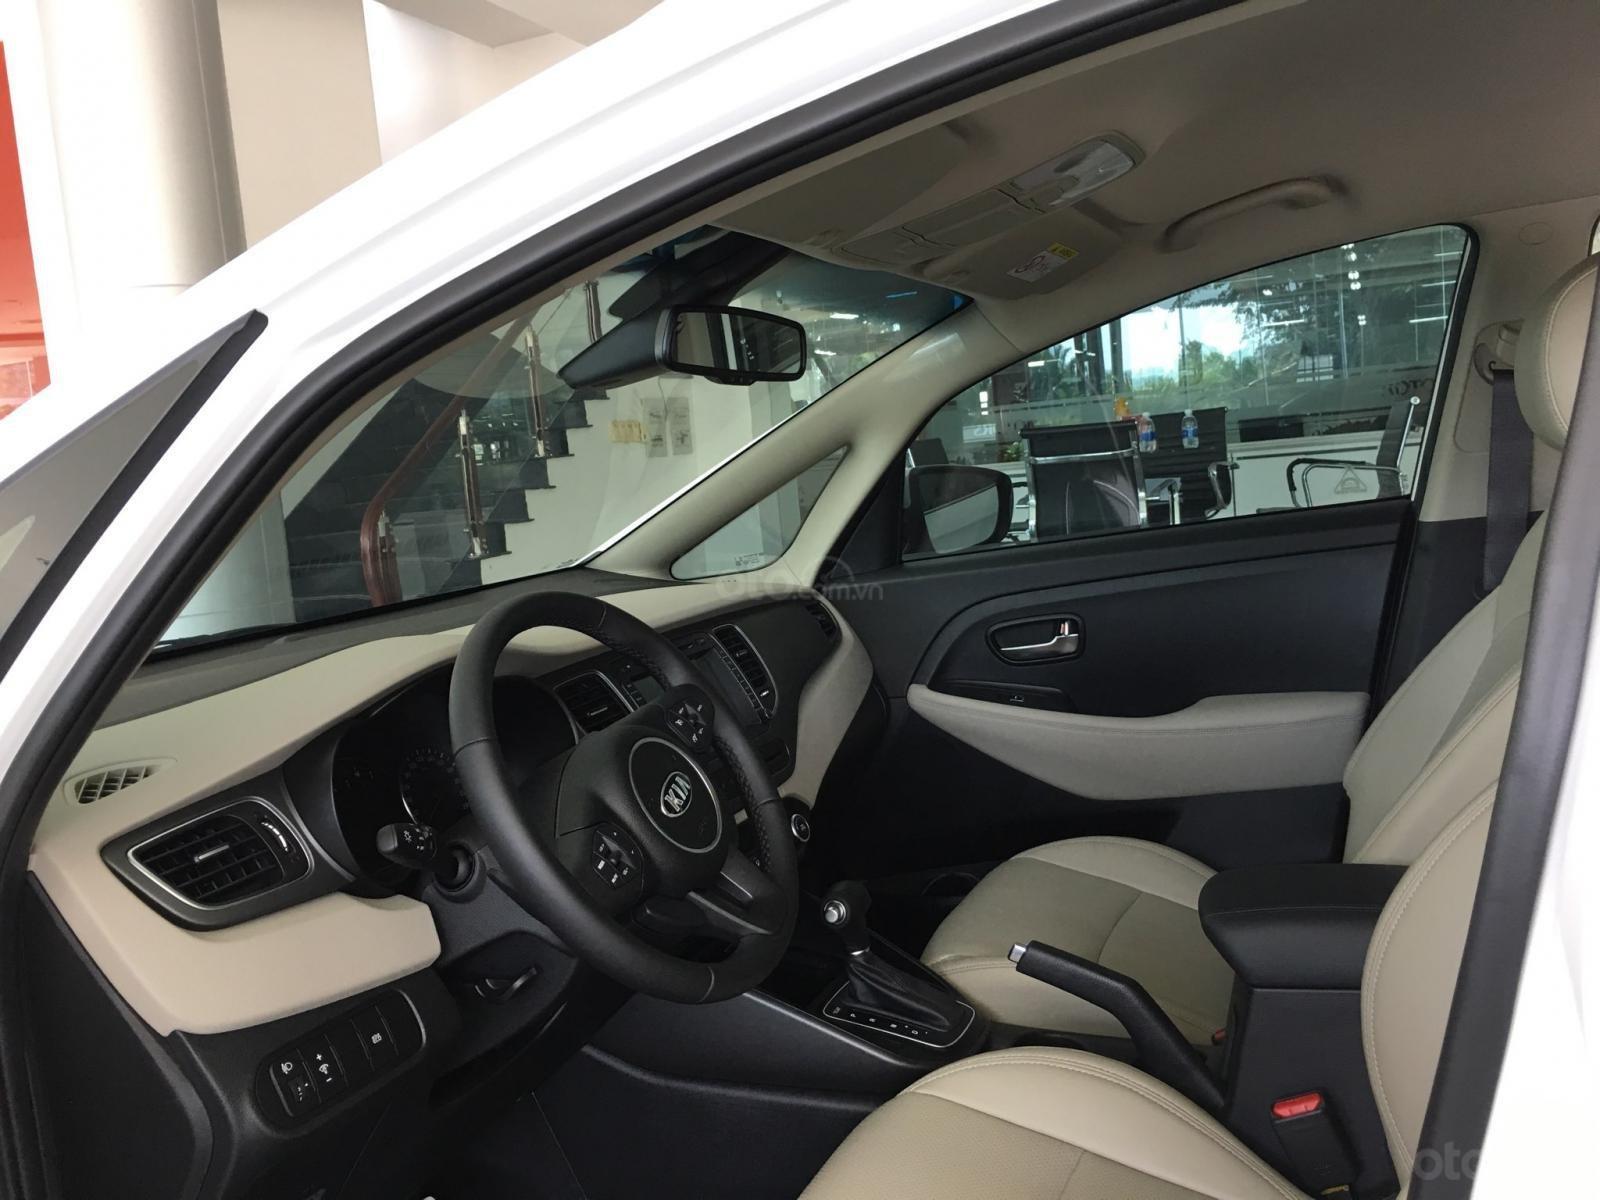 Kia Rondo - Liên hệ ngay để có ưu đãi tốt nhất trong tháng - Hotline: 0902653568-1